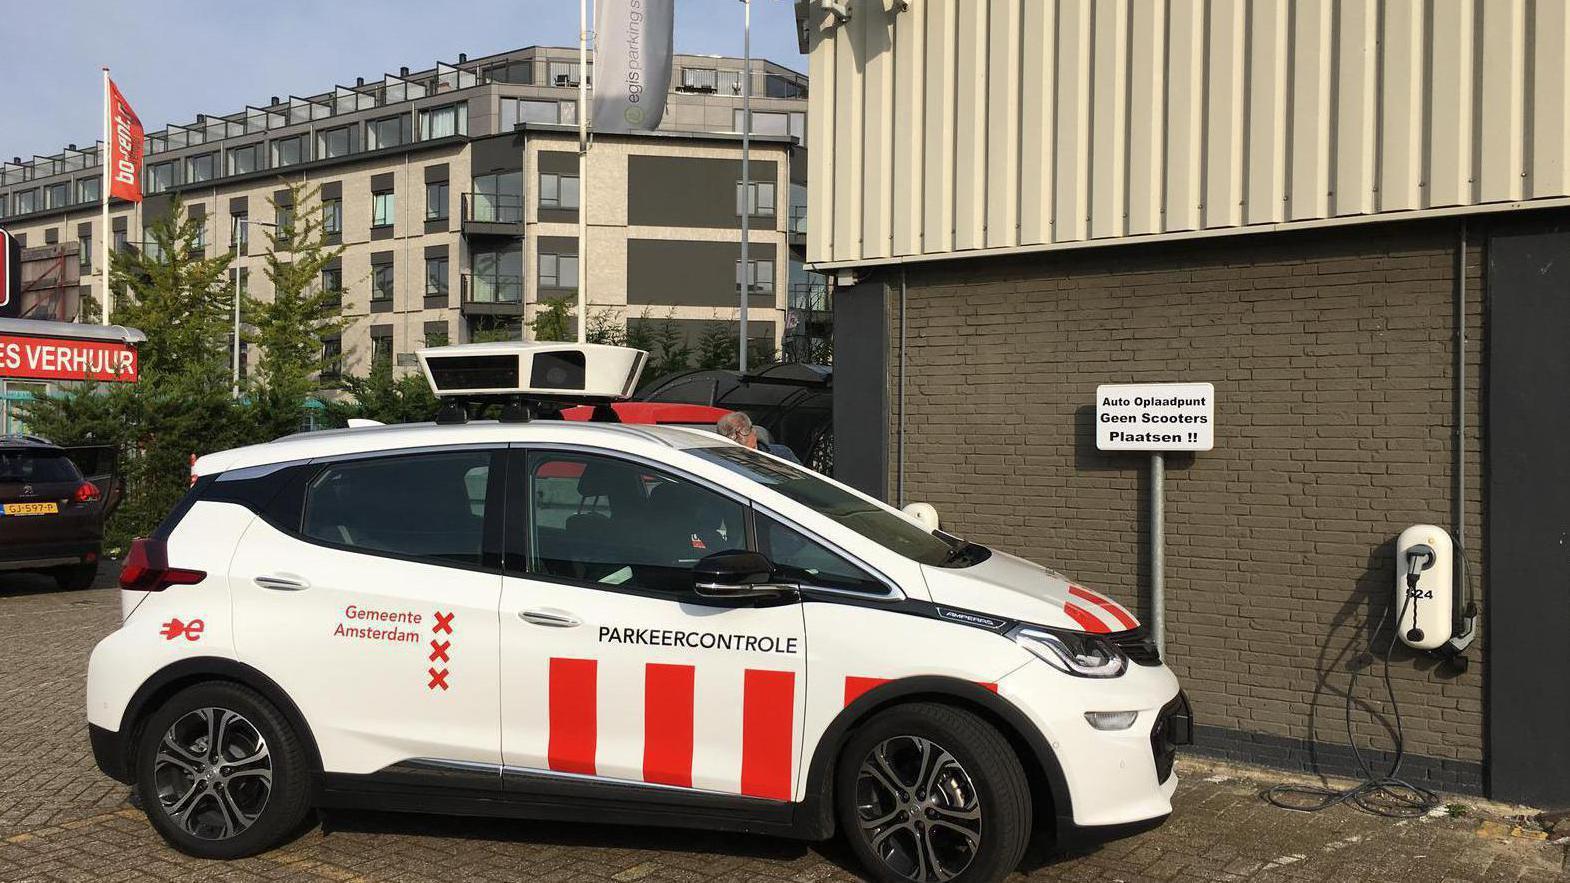 Automobilisten in Amsterdam betalen keurig parkeergeld